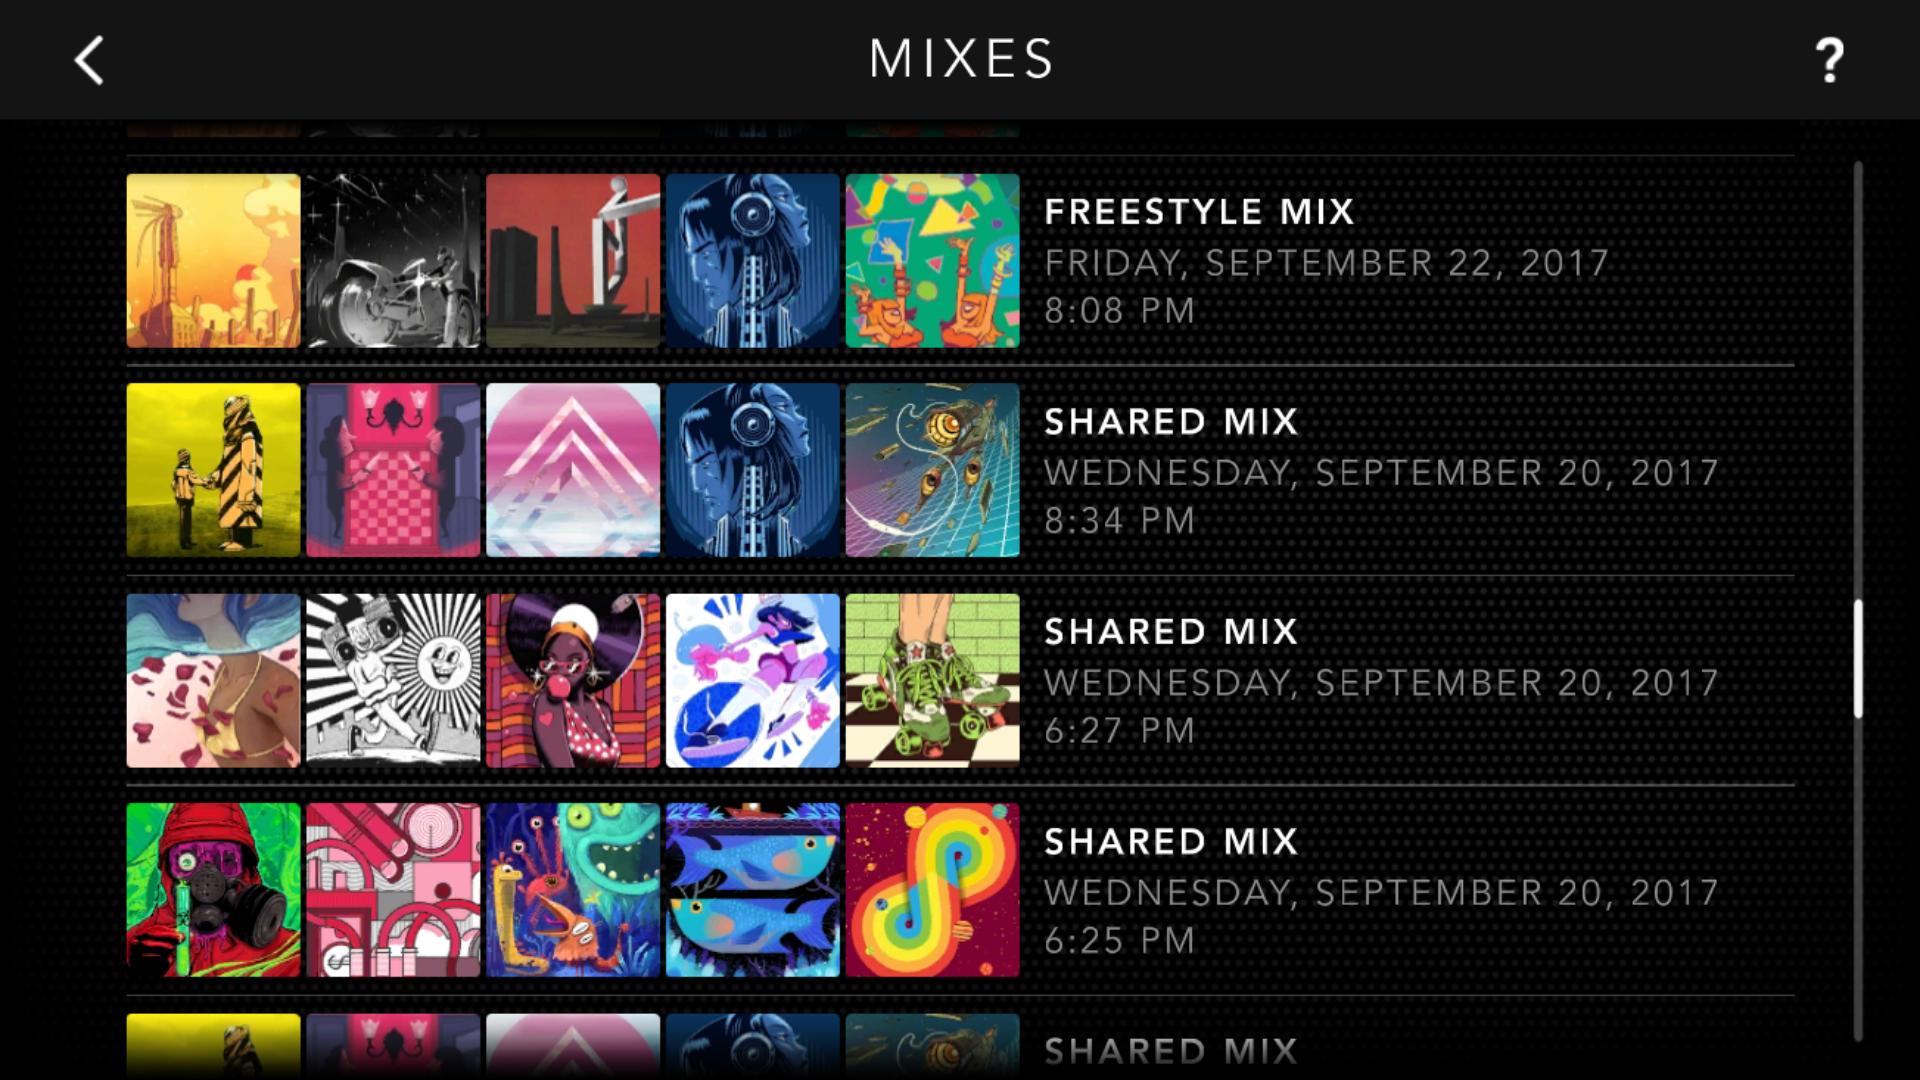 Saved Mixes